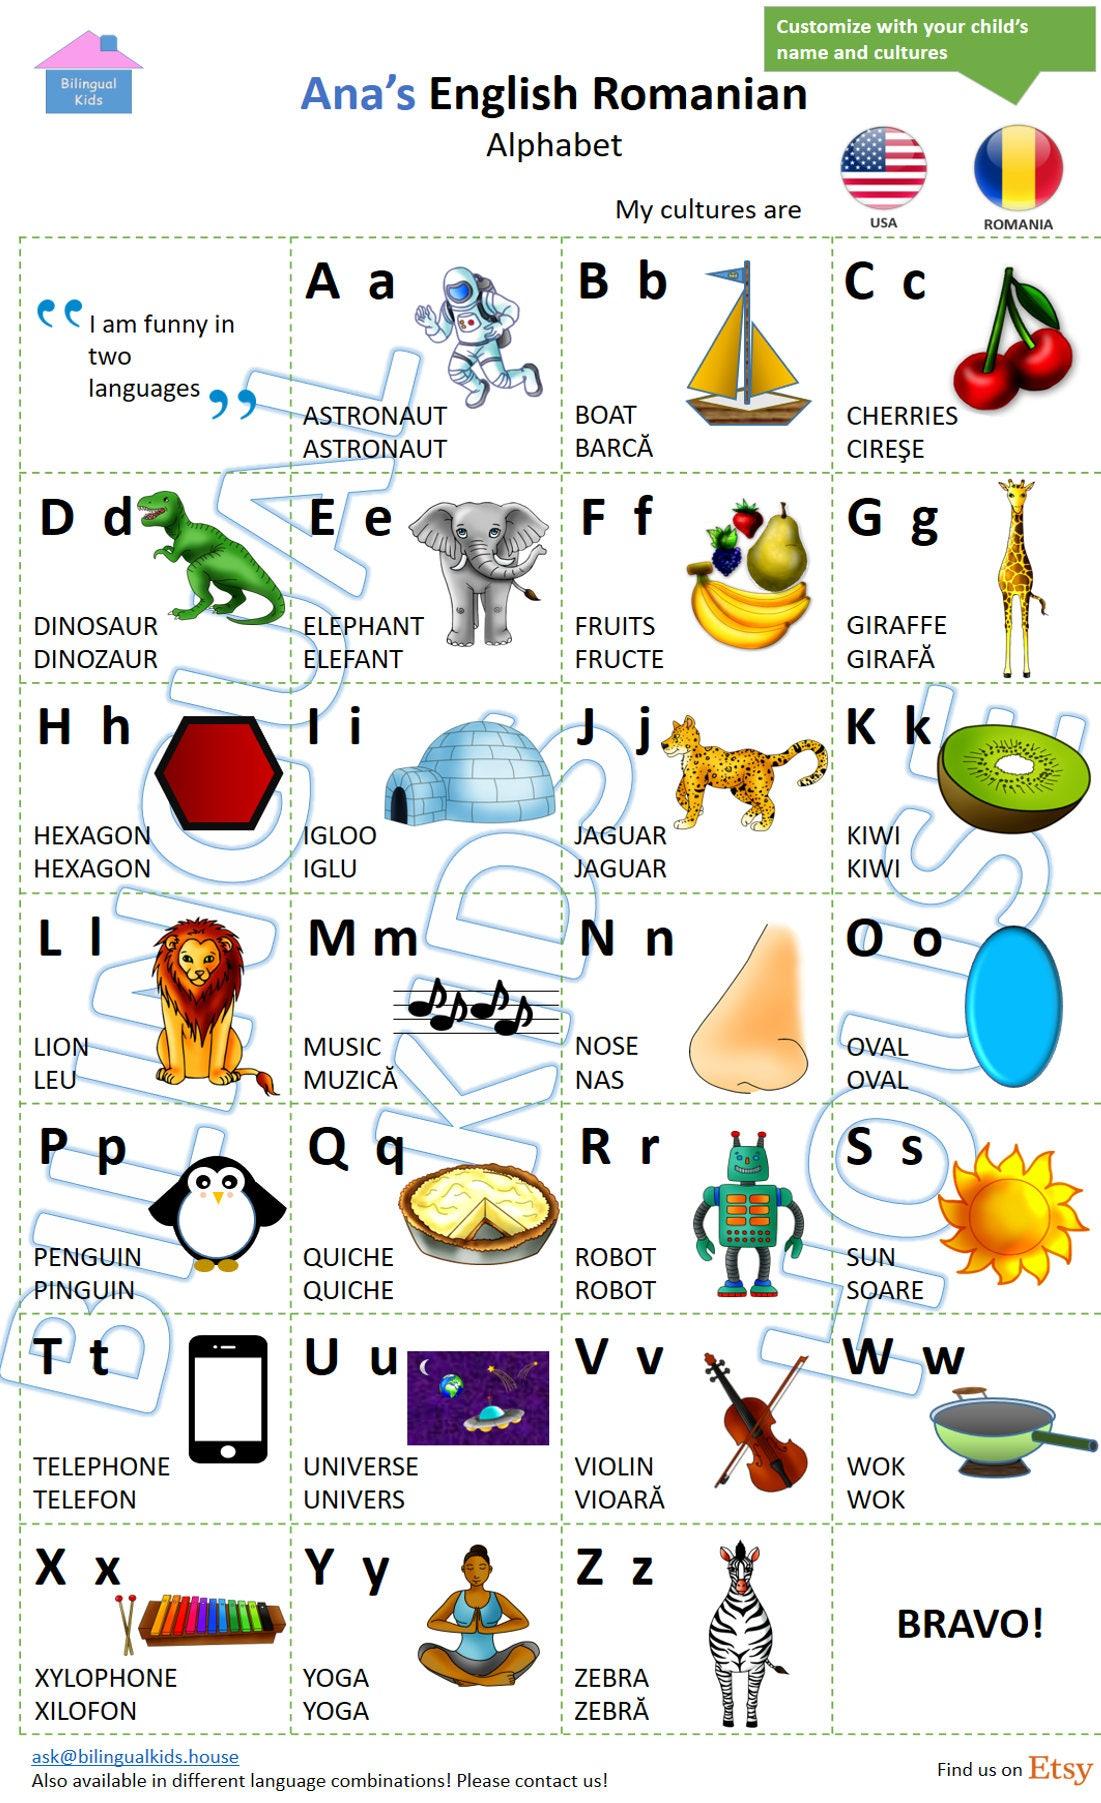 Extrêmement Poster alfabeto rumeno inglese digitale per bambini Gioco NO33